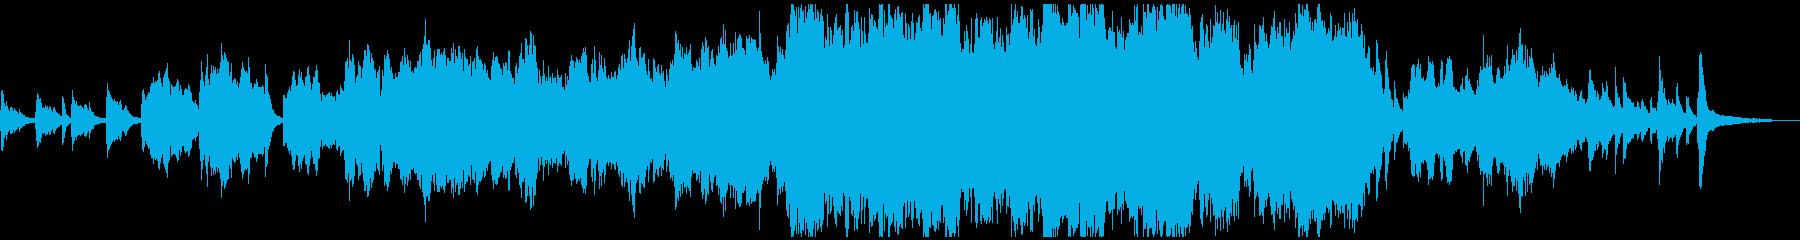 あたたかく感動的なチェロのバラードの再生済みの波形